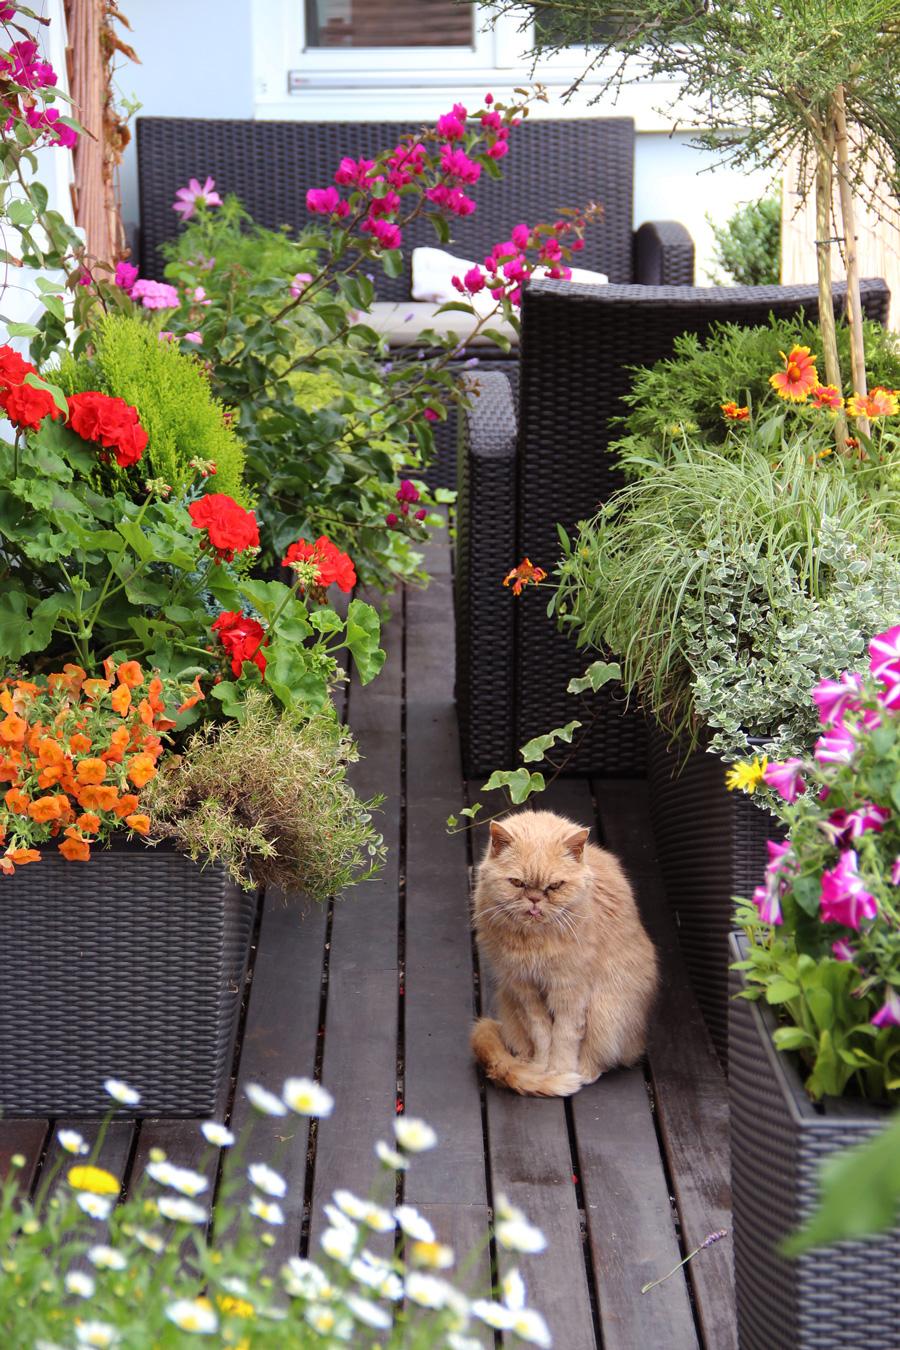 Обустройство лоджии: цветы, вьющиеся растения и зона для отдыха